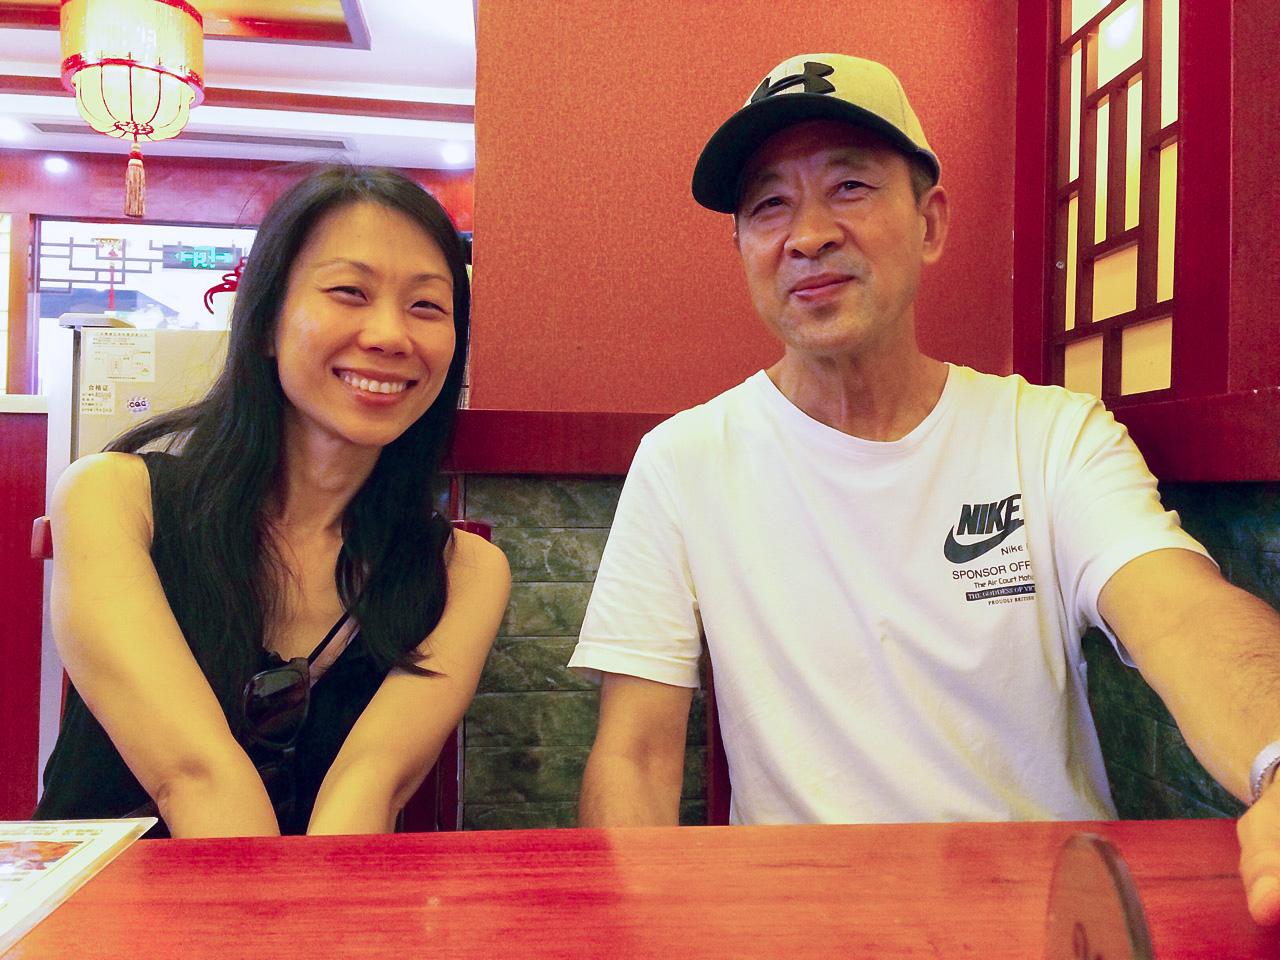 Tochter wollte Vater aus China retten: KP verweigert Dissidenten in letzter Sekunde die Ausreise